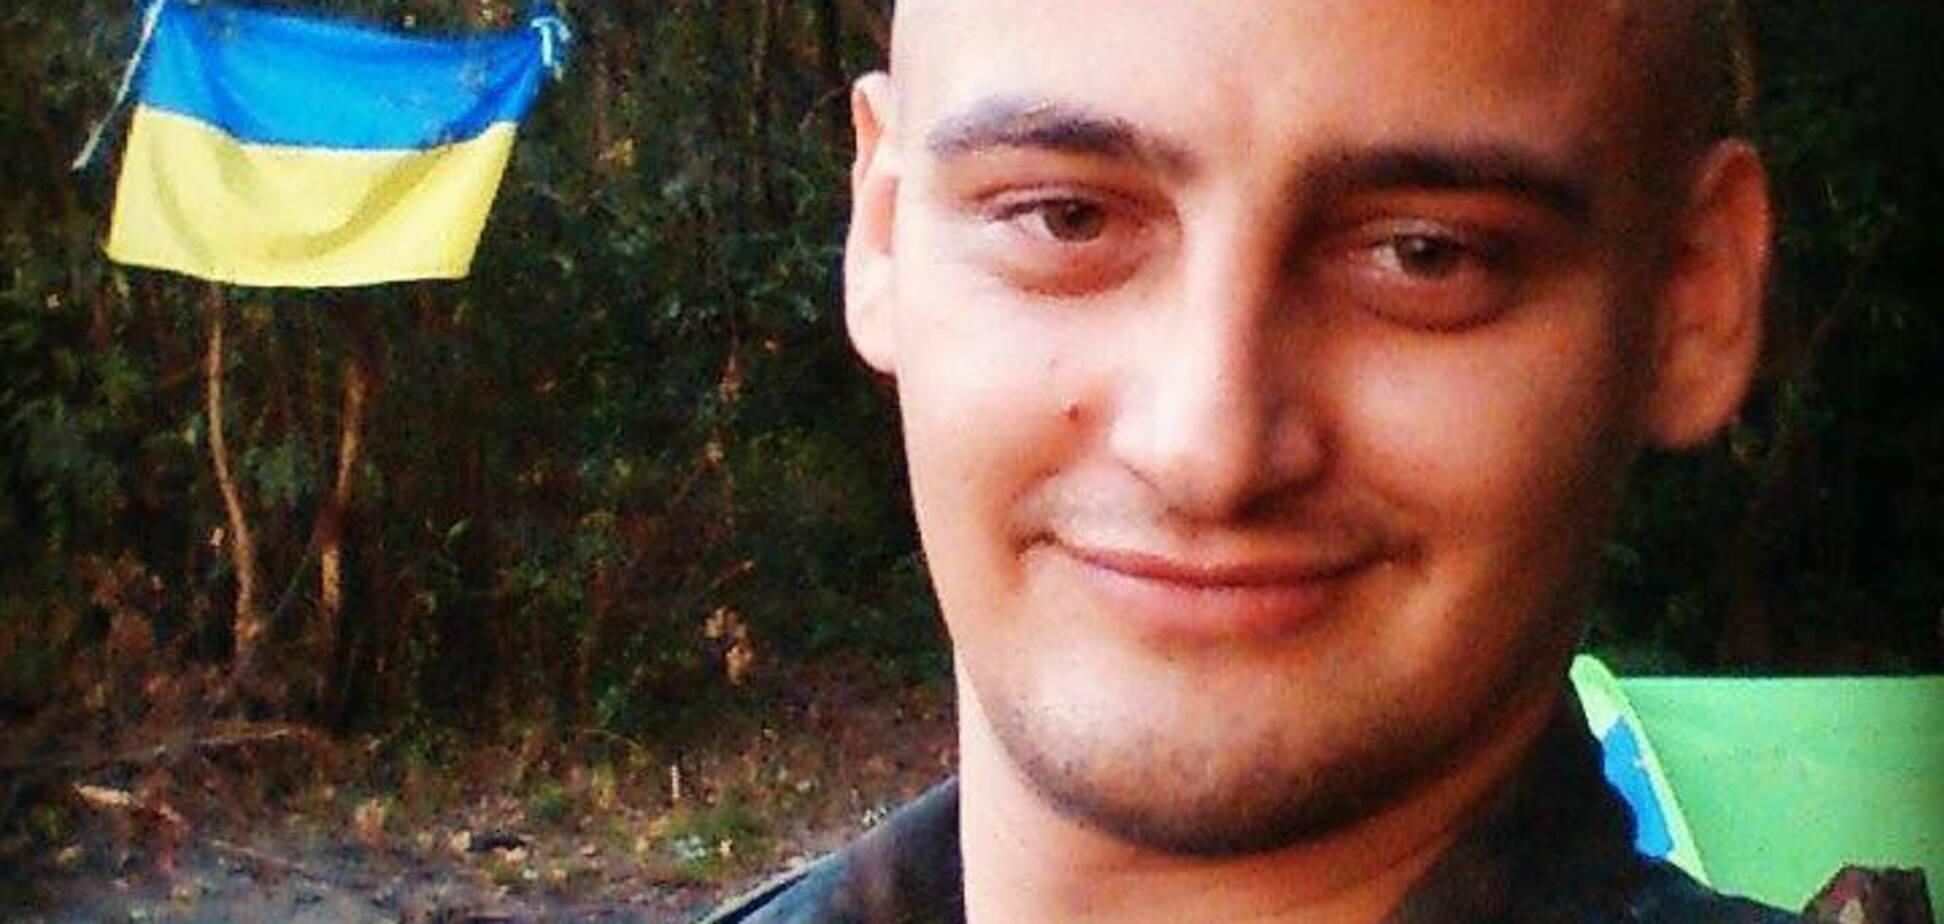 До работы не дошел: под Киевом загадочно пропал мужчина